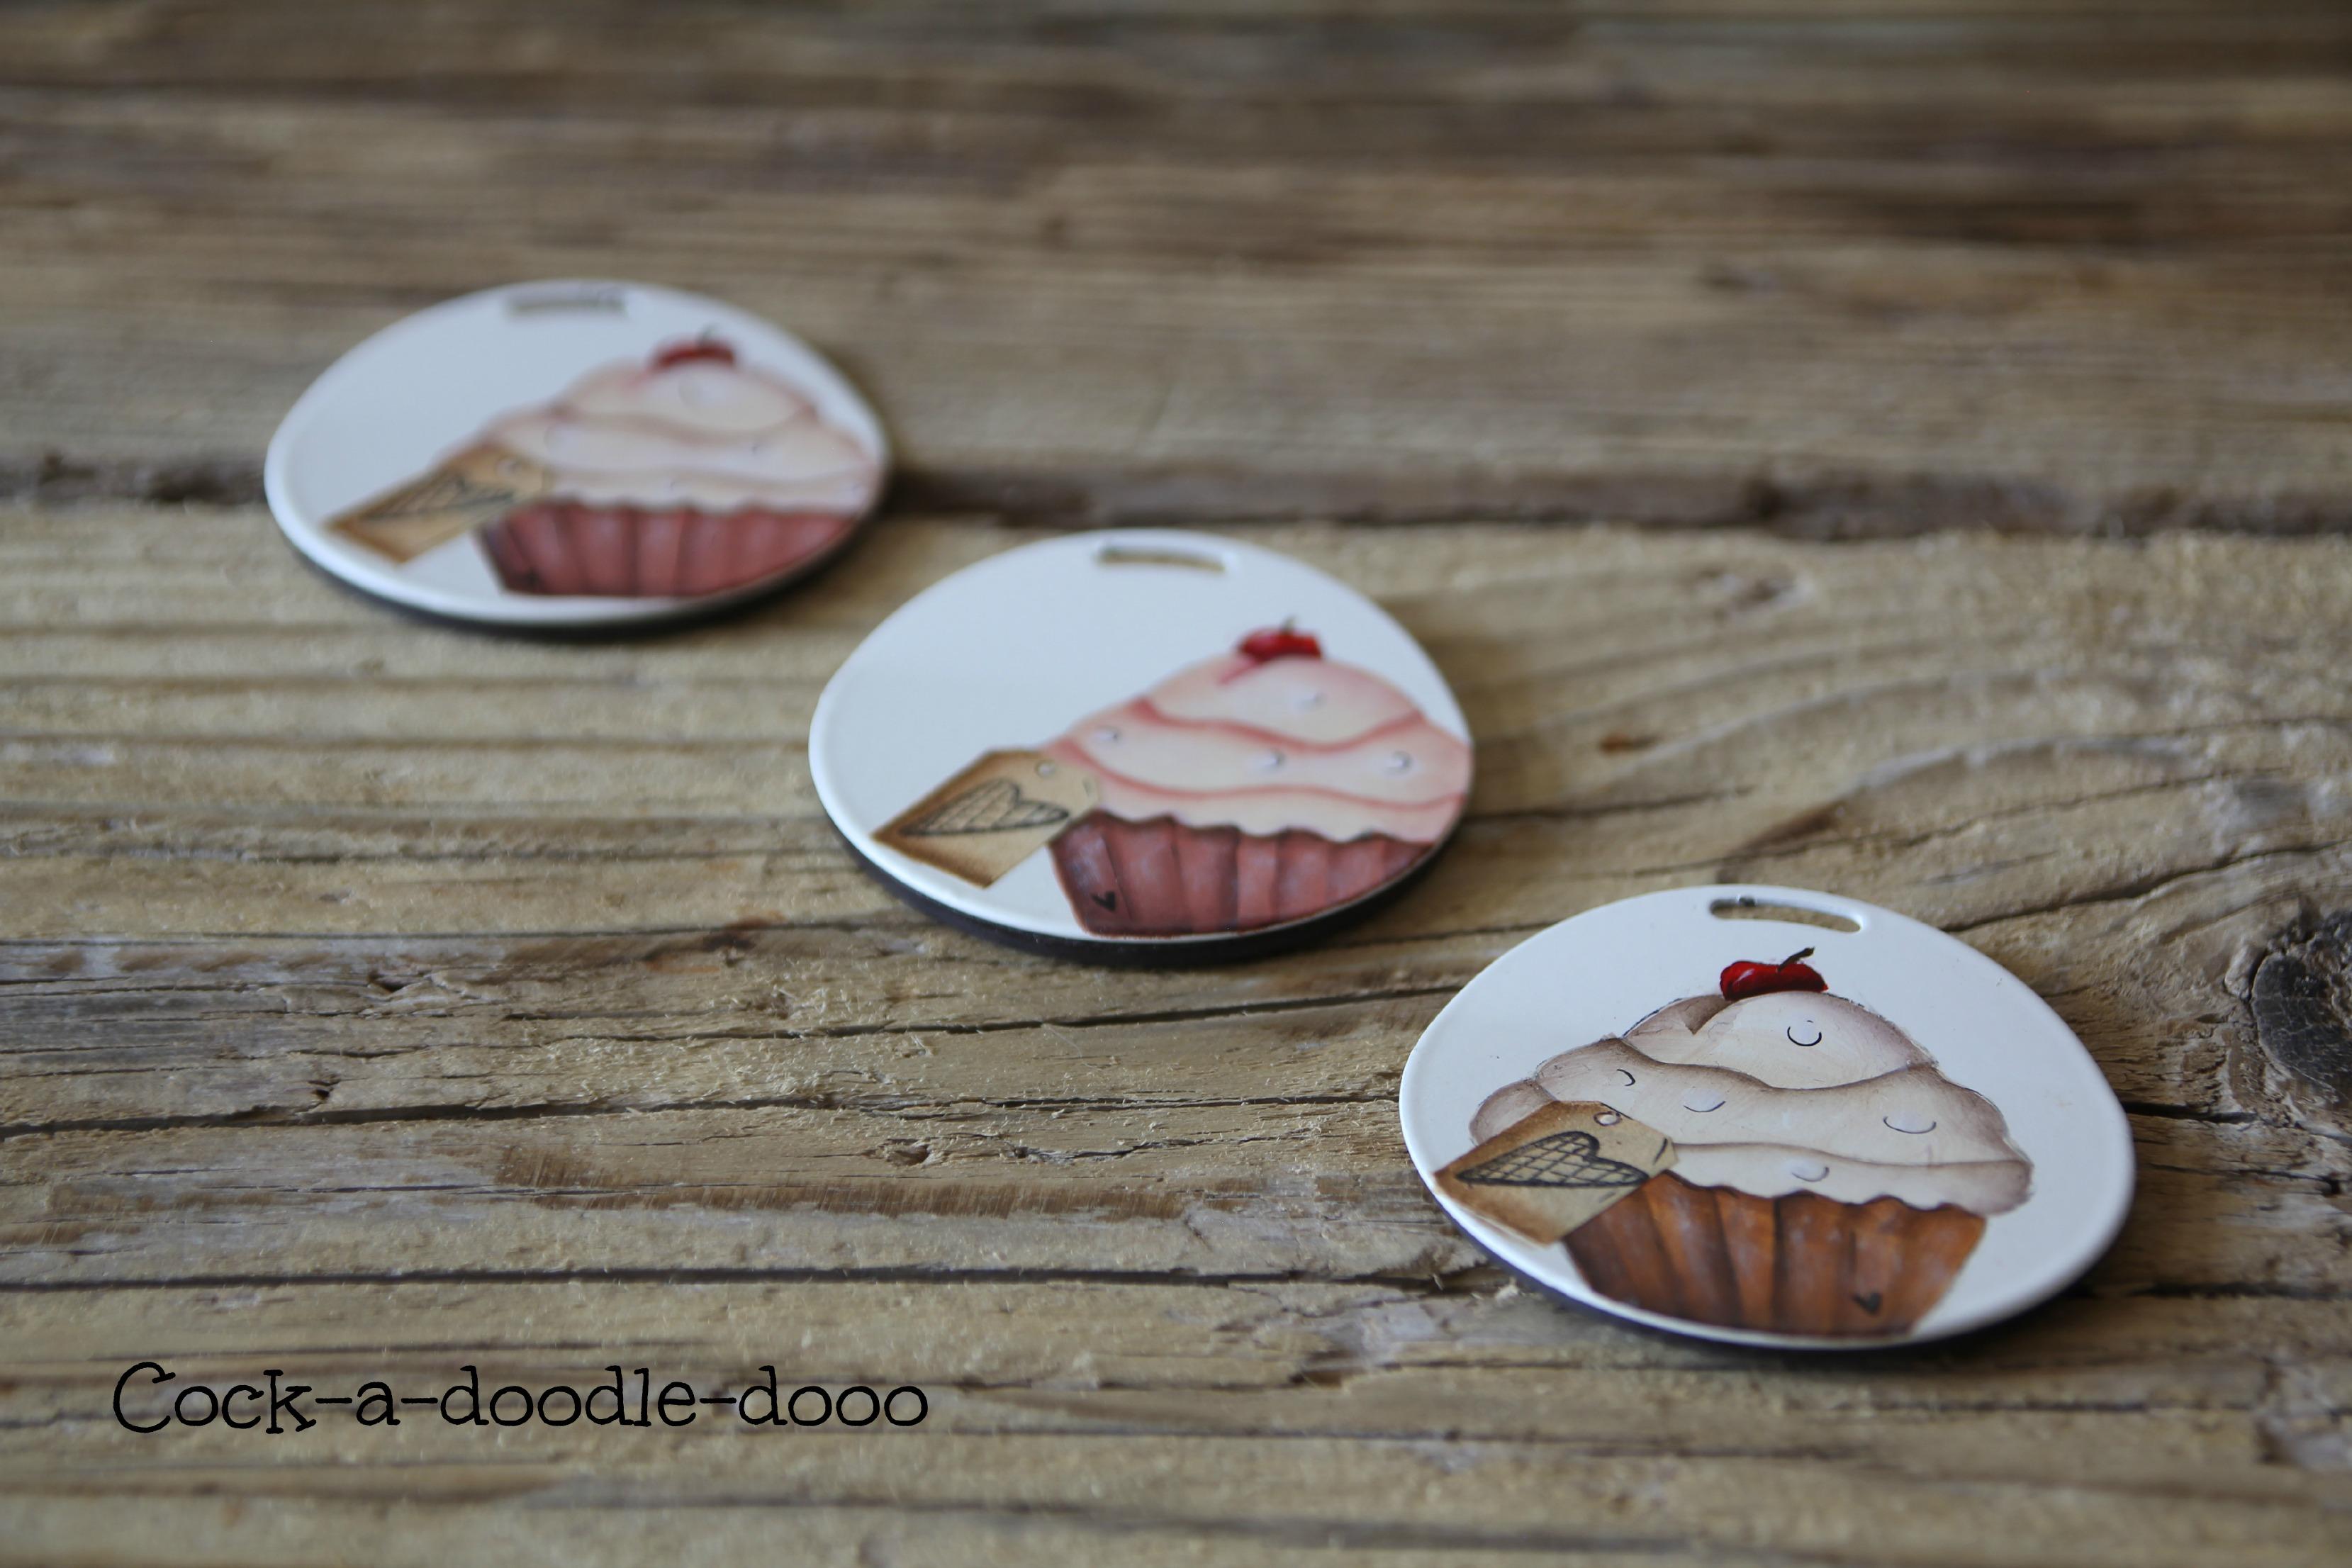 magneti cupcake cock-a-doodle-dooo 2